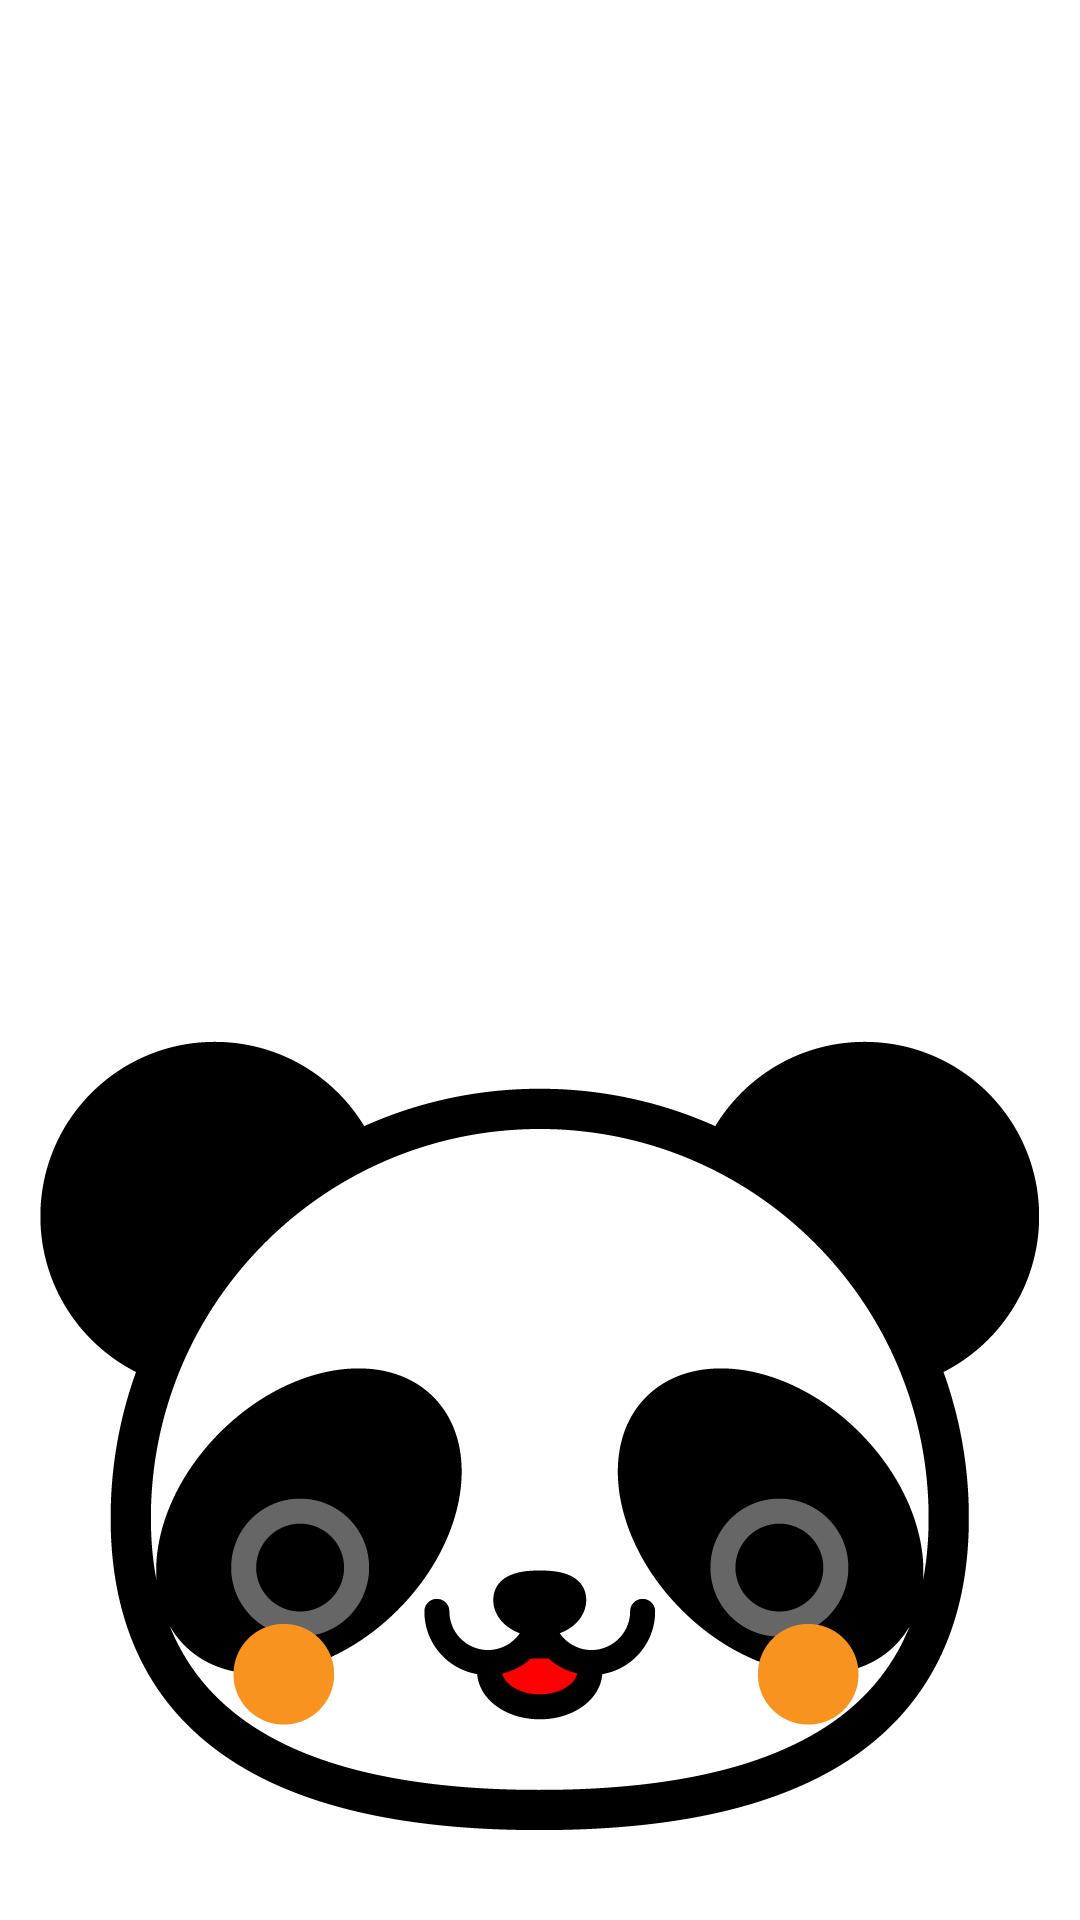 かわいい顔だけパンダ壁紙(iPhone)の無料イラスト・商用フリー